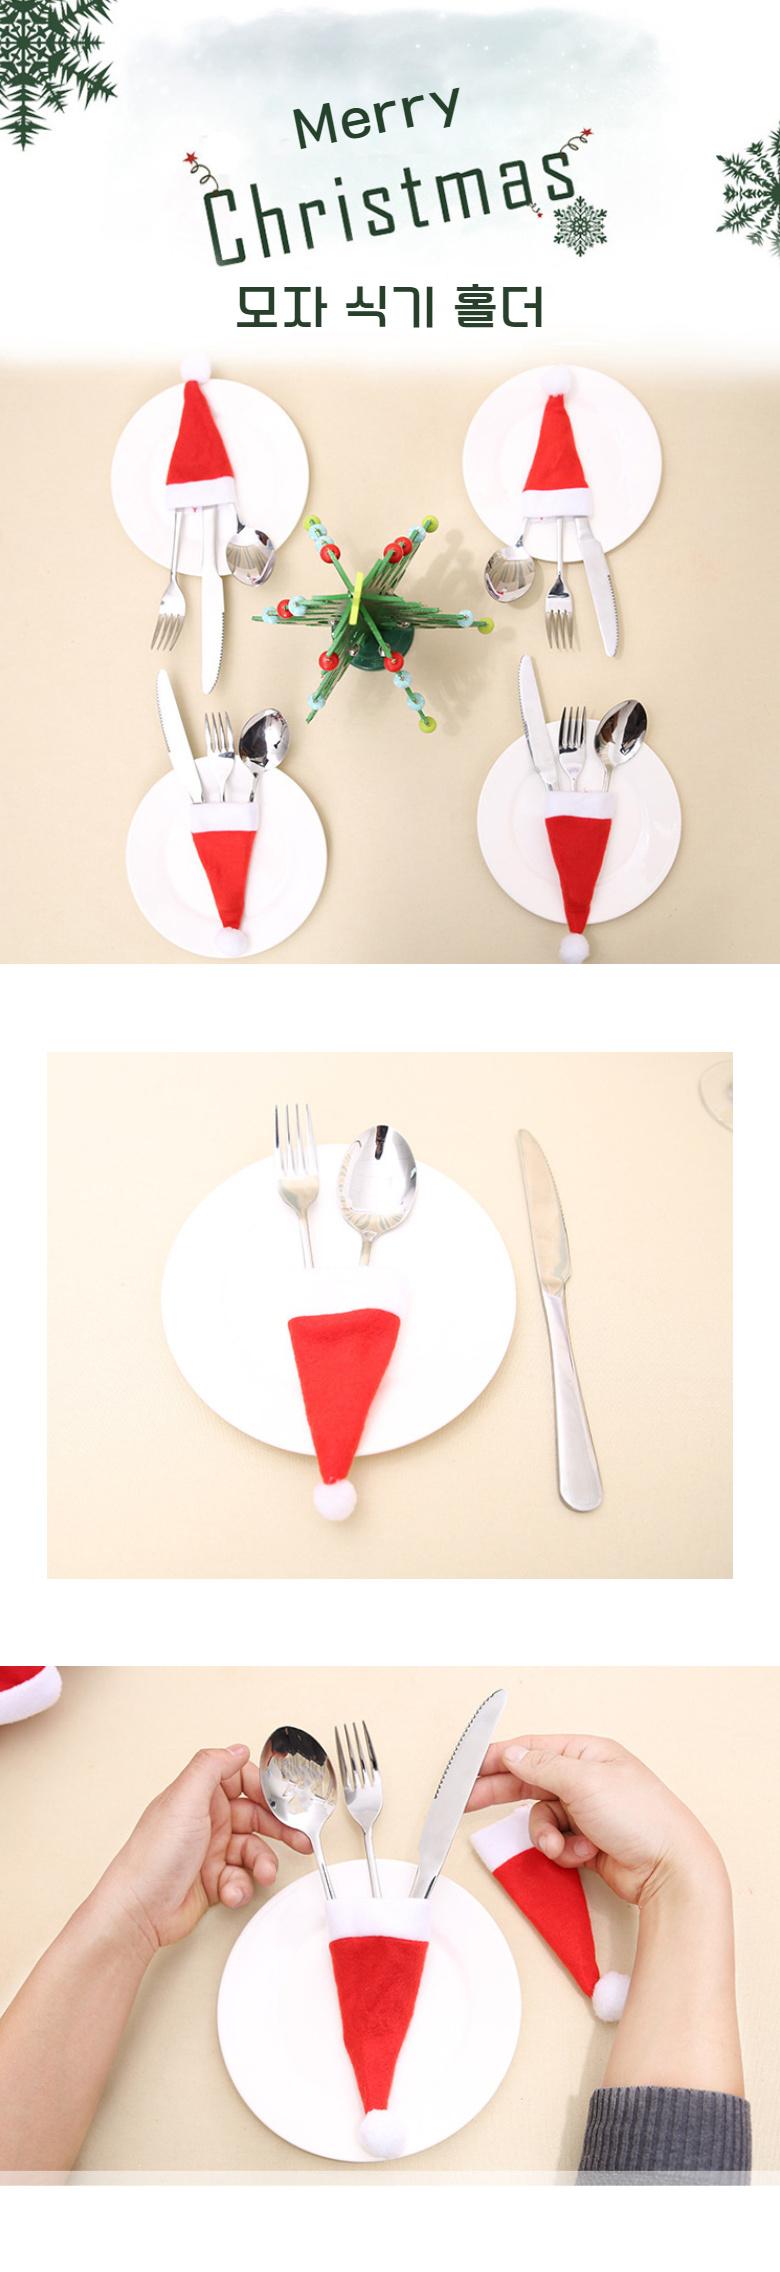 2P 식기홀더 크리스마스 소품장식 파티용품 - 제이밀리율, 2,800원, 장식품, 크리스마스소품